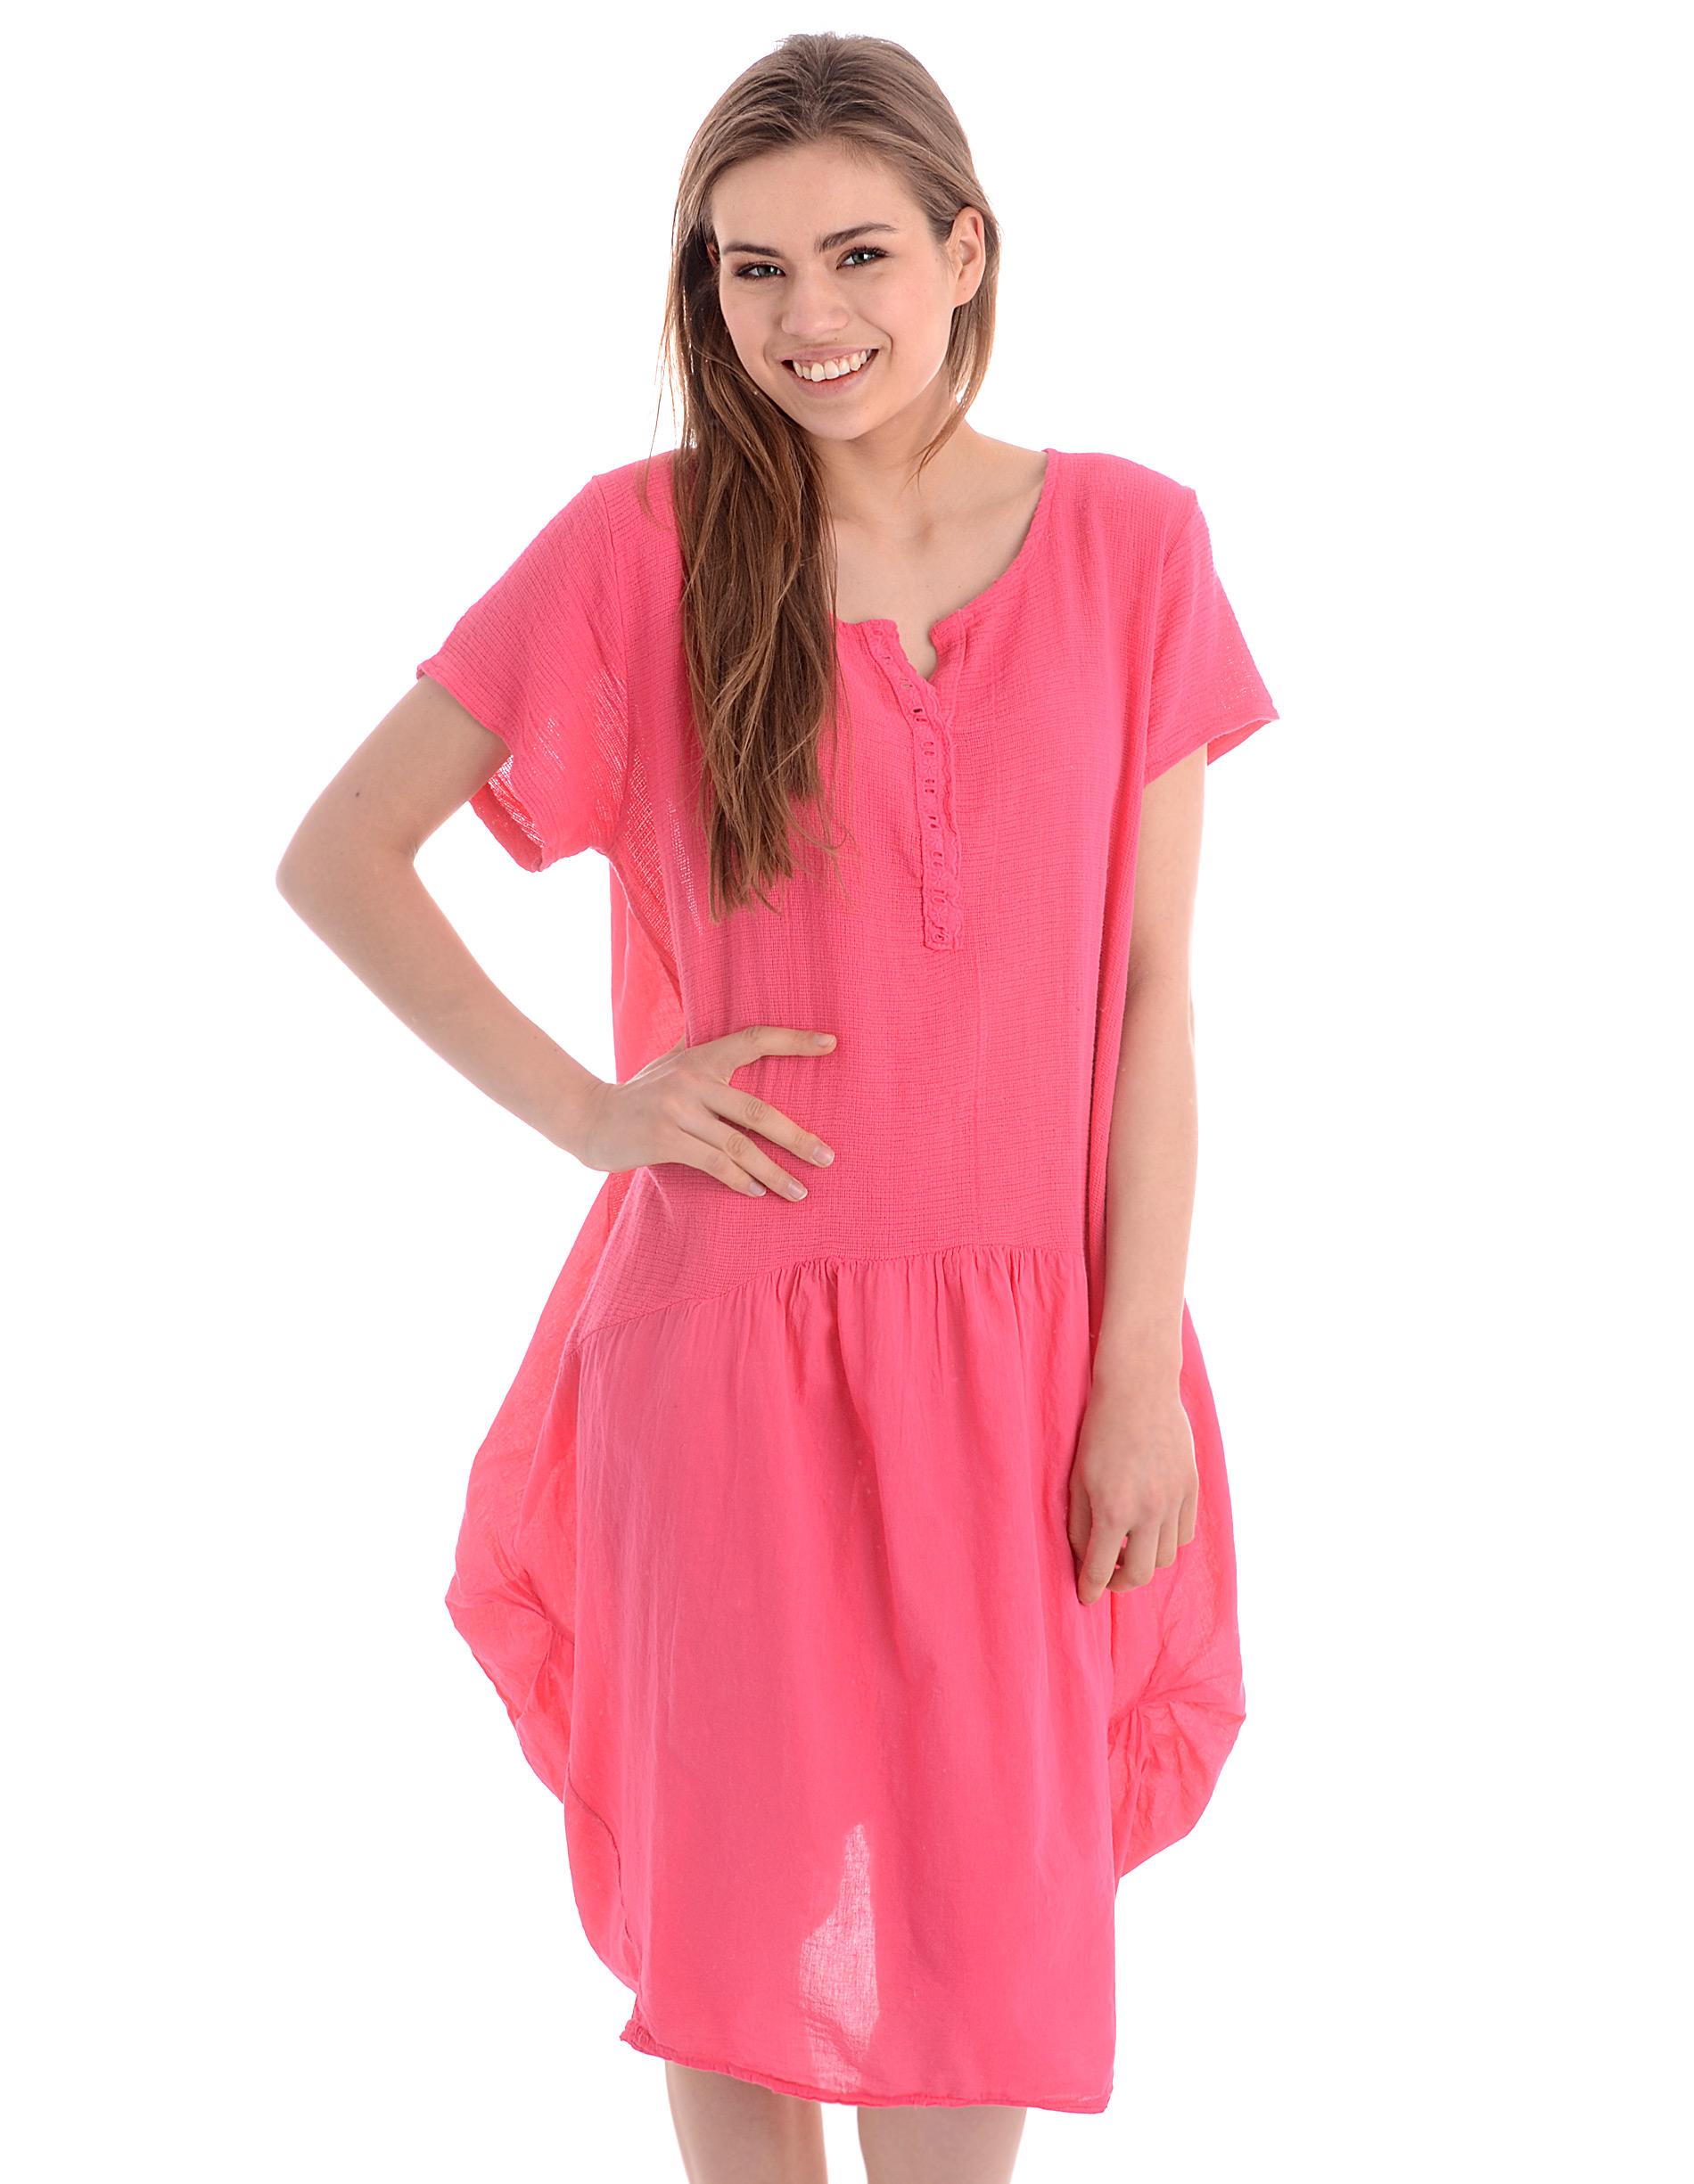 Sukienka - 52-6277 FRAGO - Unisono